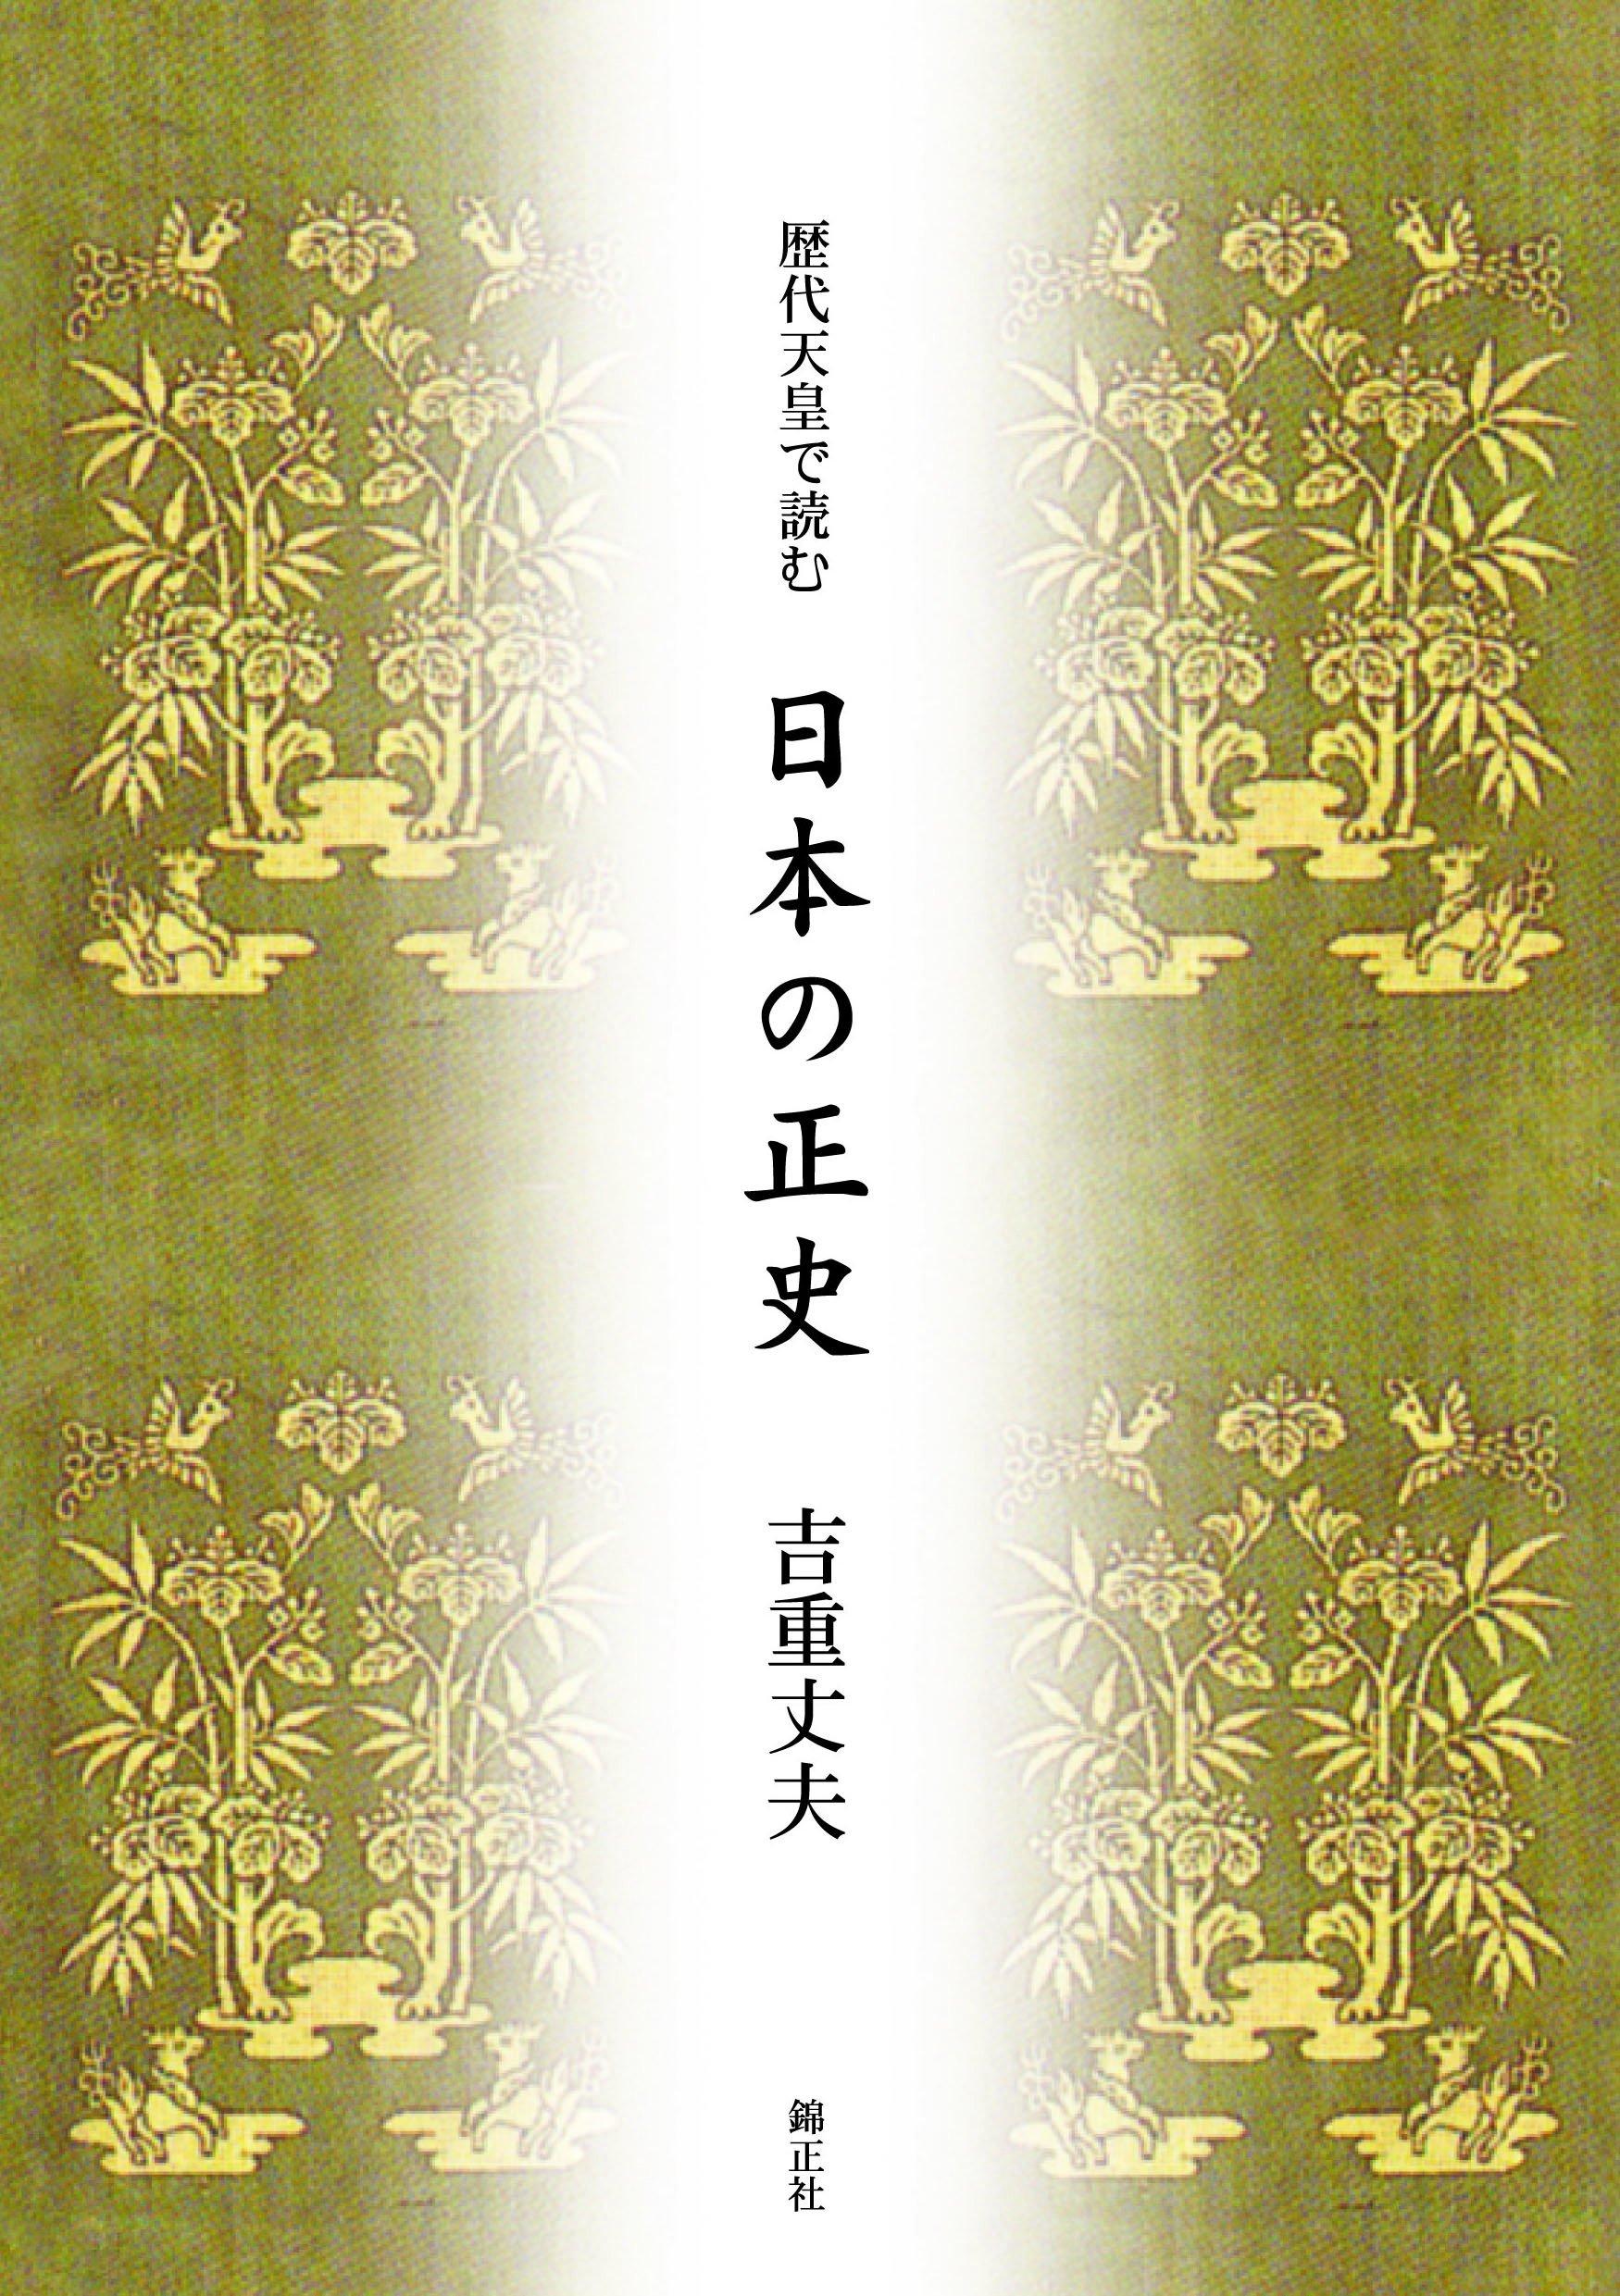 歴代 天皇 誕生 日